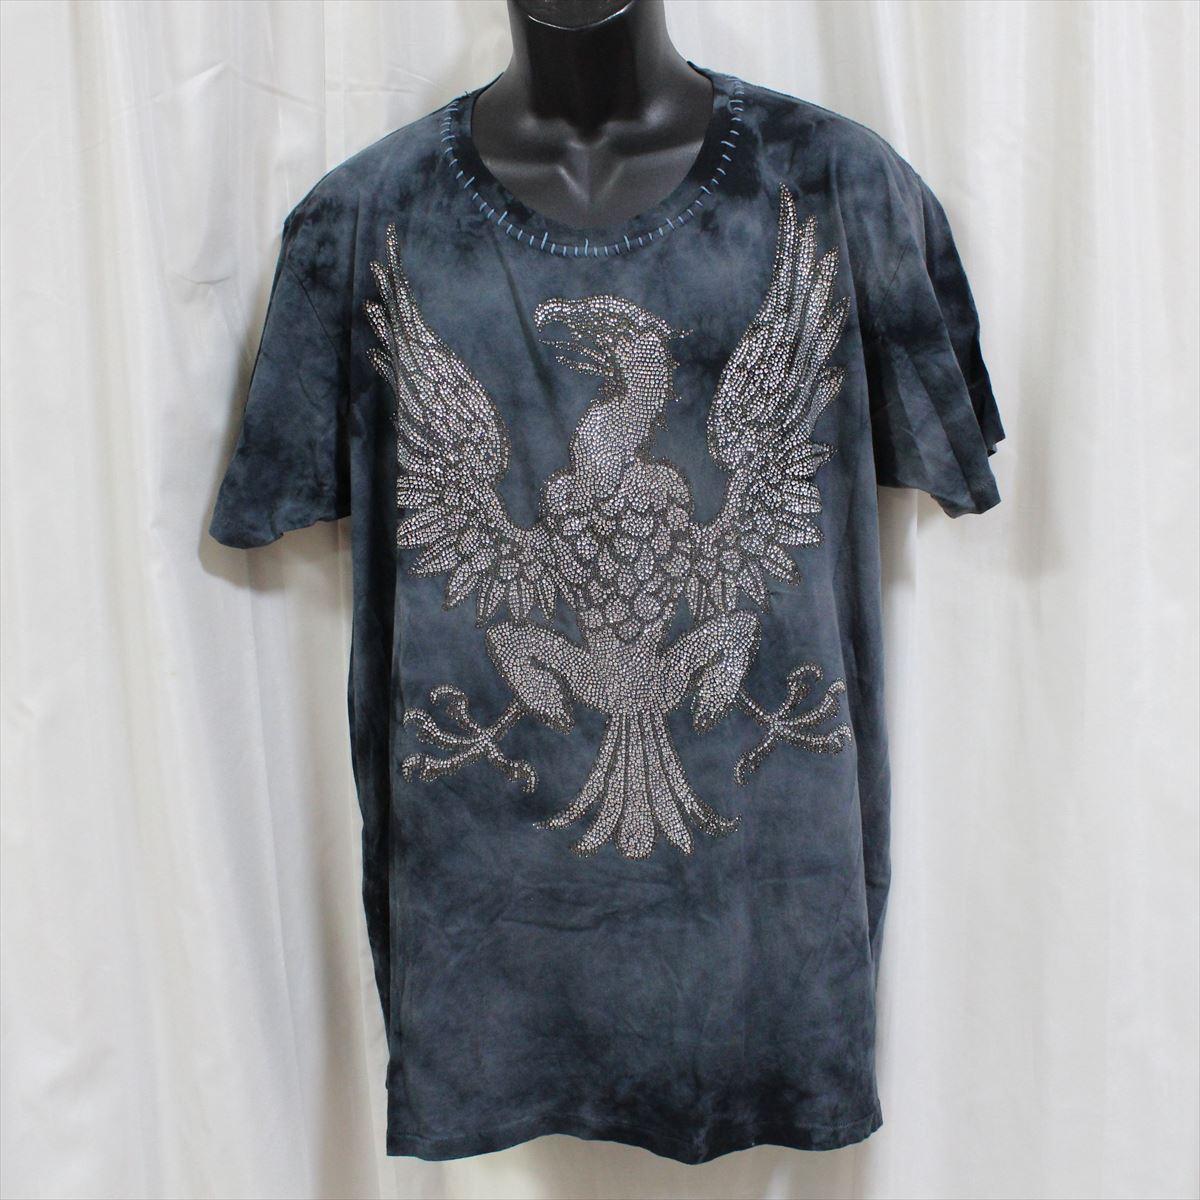 アイコニック Iconic Couture メンズ半袖Tシャツ ネイビー Lサイズ 新品 紺_画像1